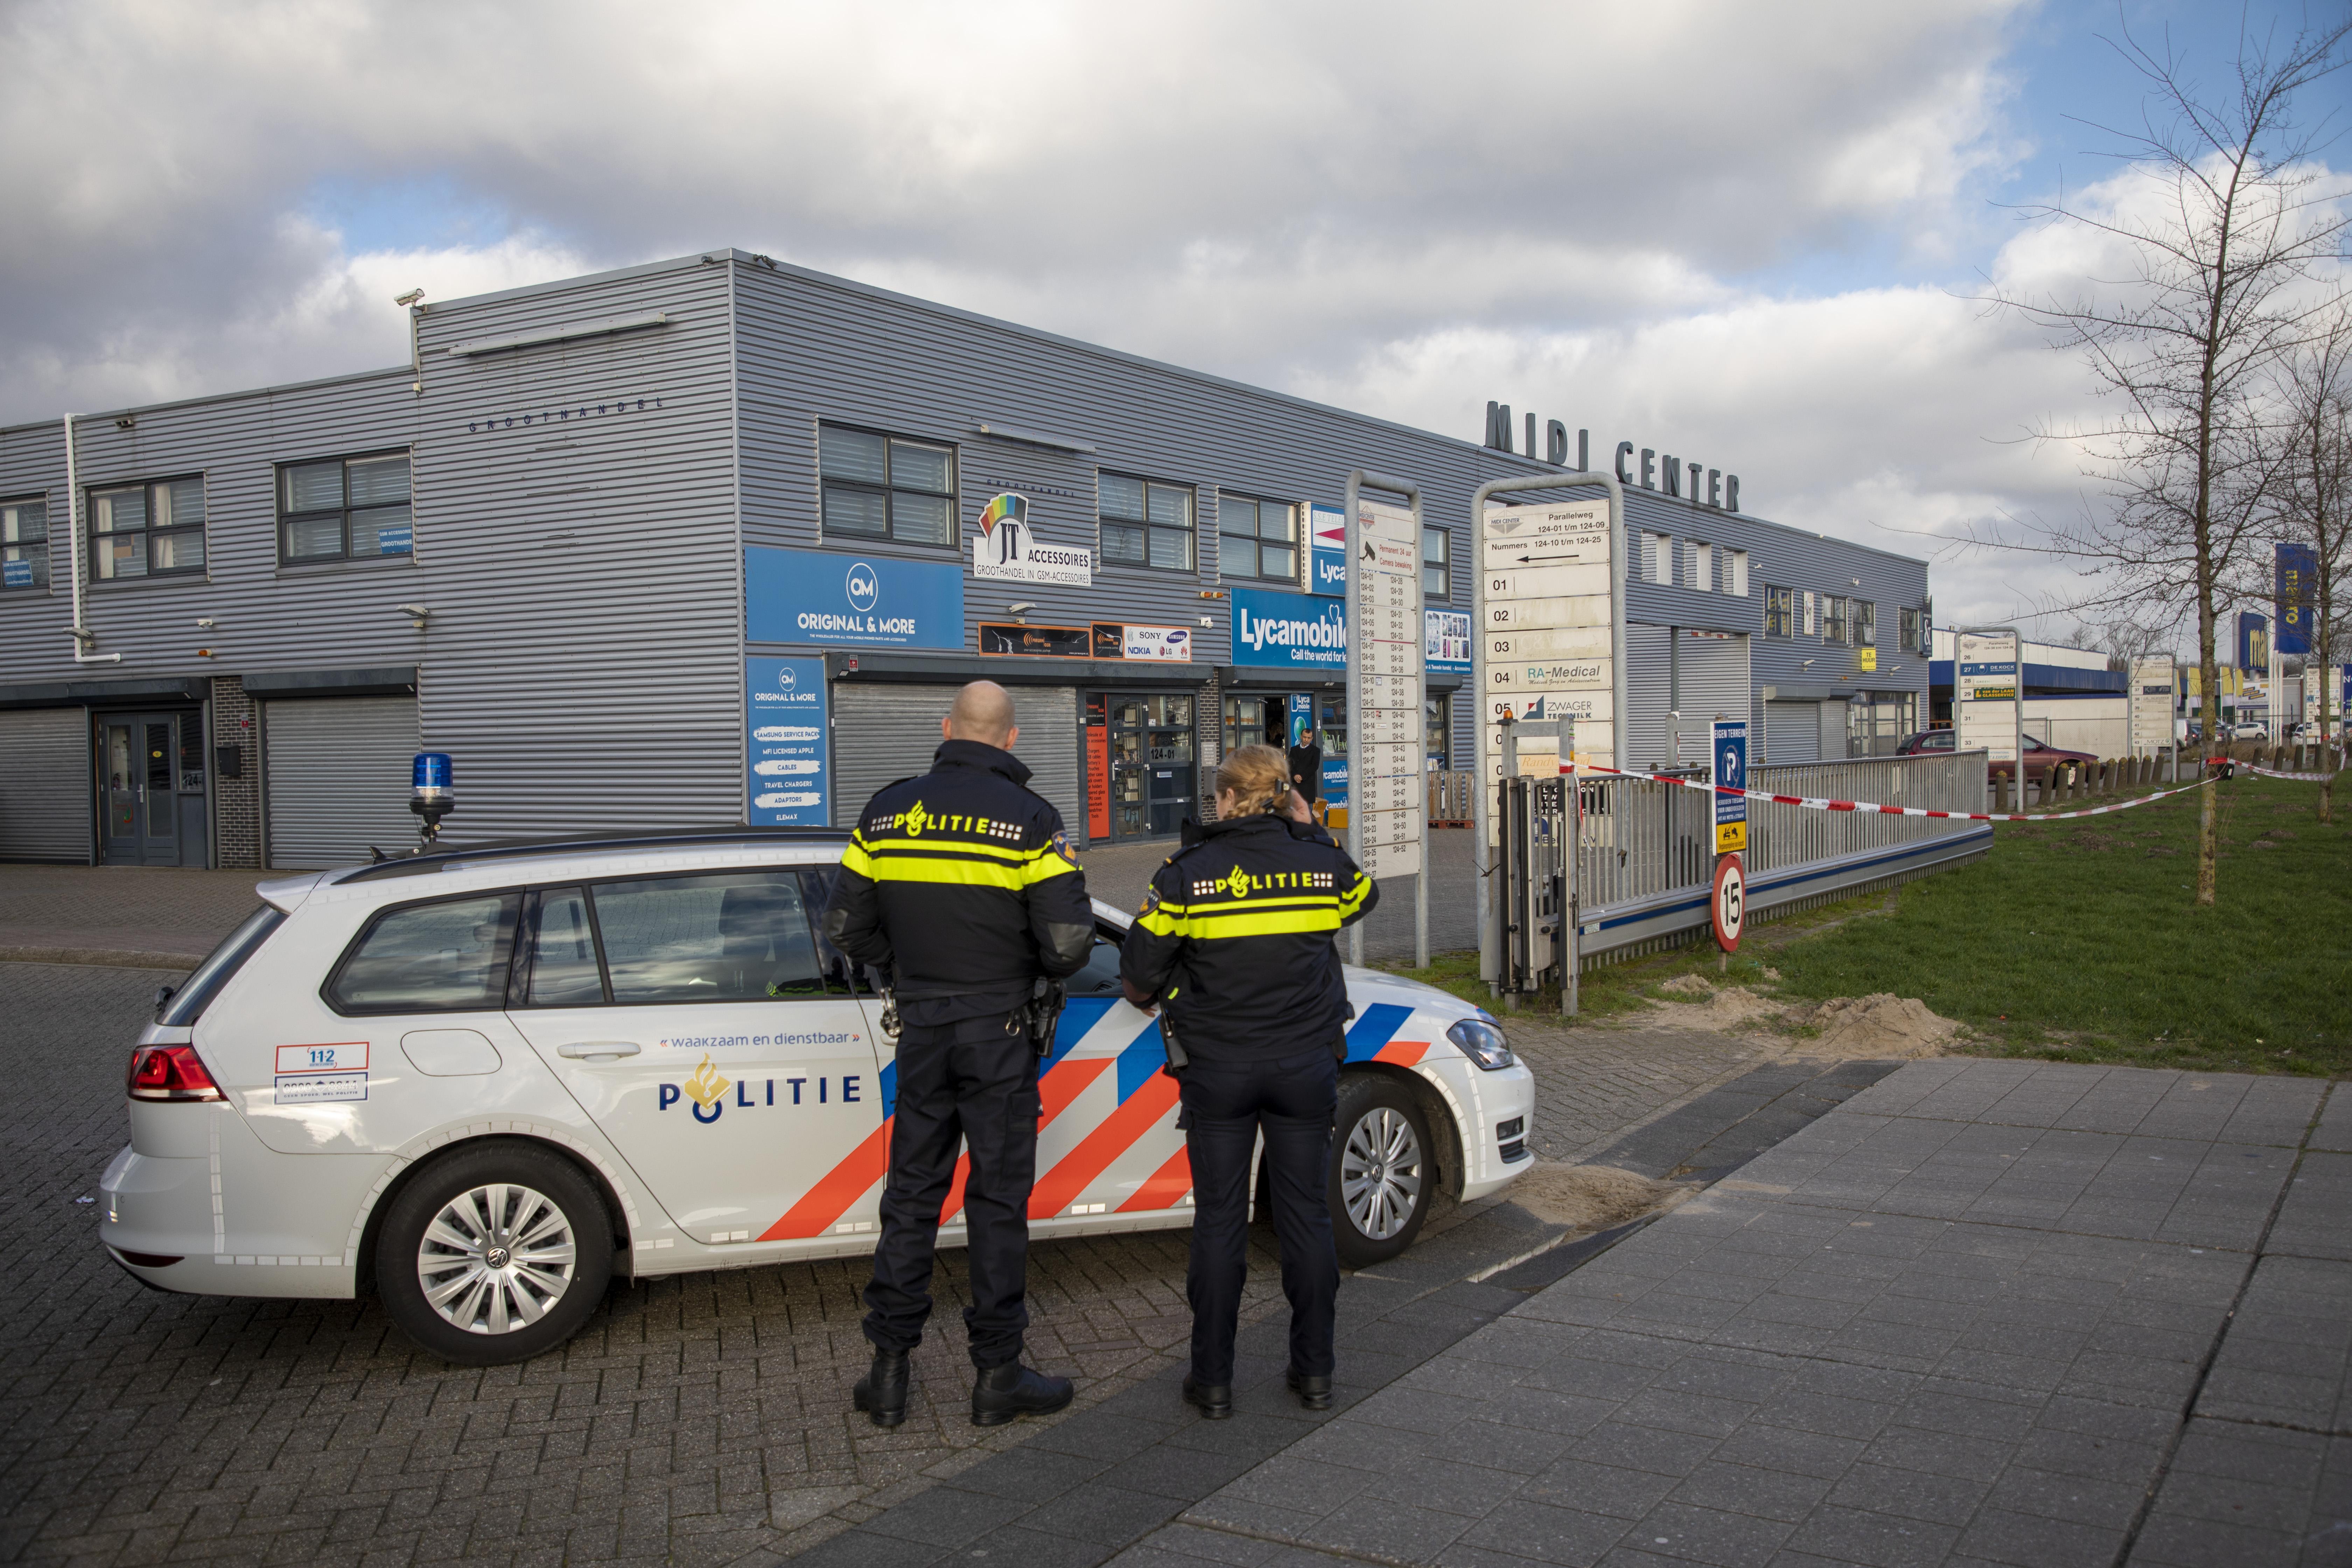 Verdenking van ondergrondse bankieren: de vier panden op Midi Center in Beverwijk blijven zes maanden dicht